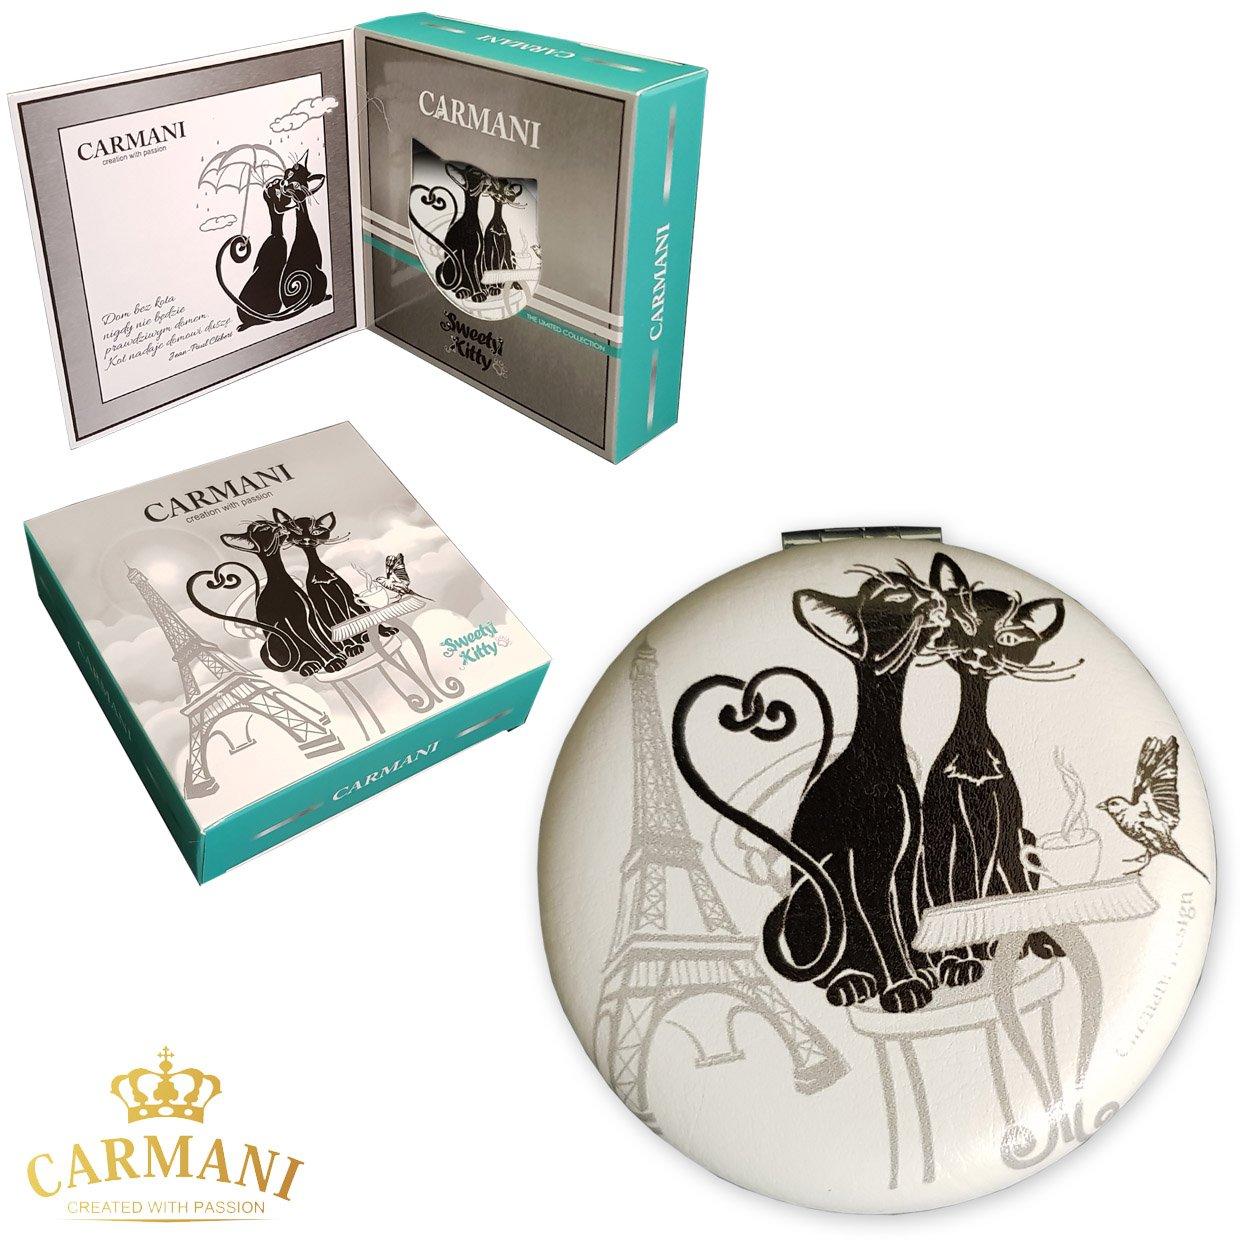 Carmani - GATTO design Donne Pocket flip Viaggi Trucco borsa specchio di metallo di tasca delle ragazze specchio compatto